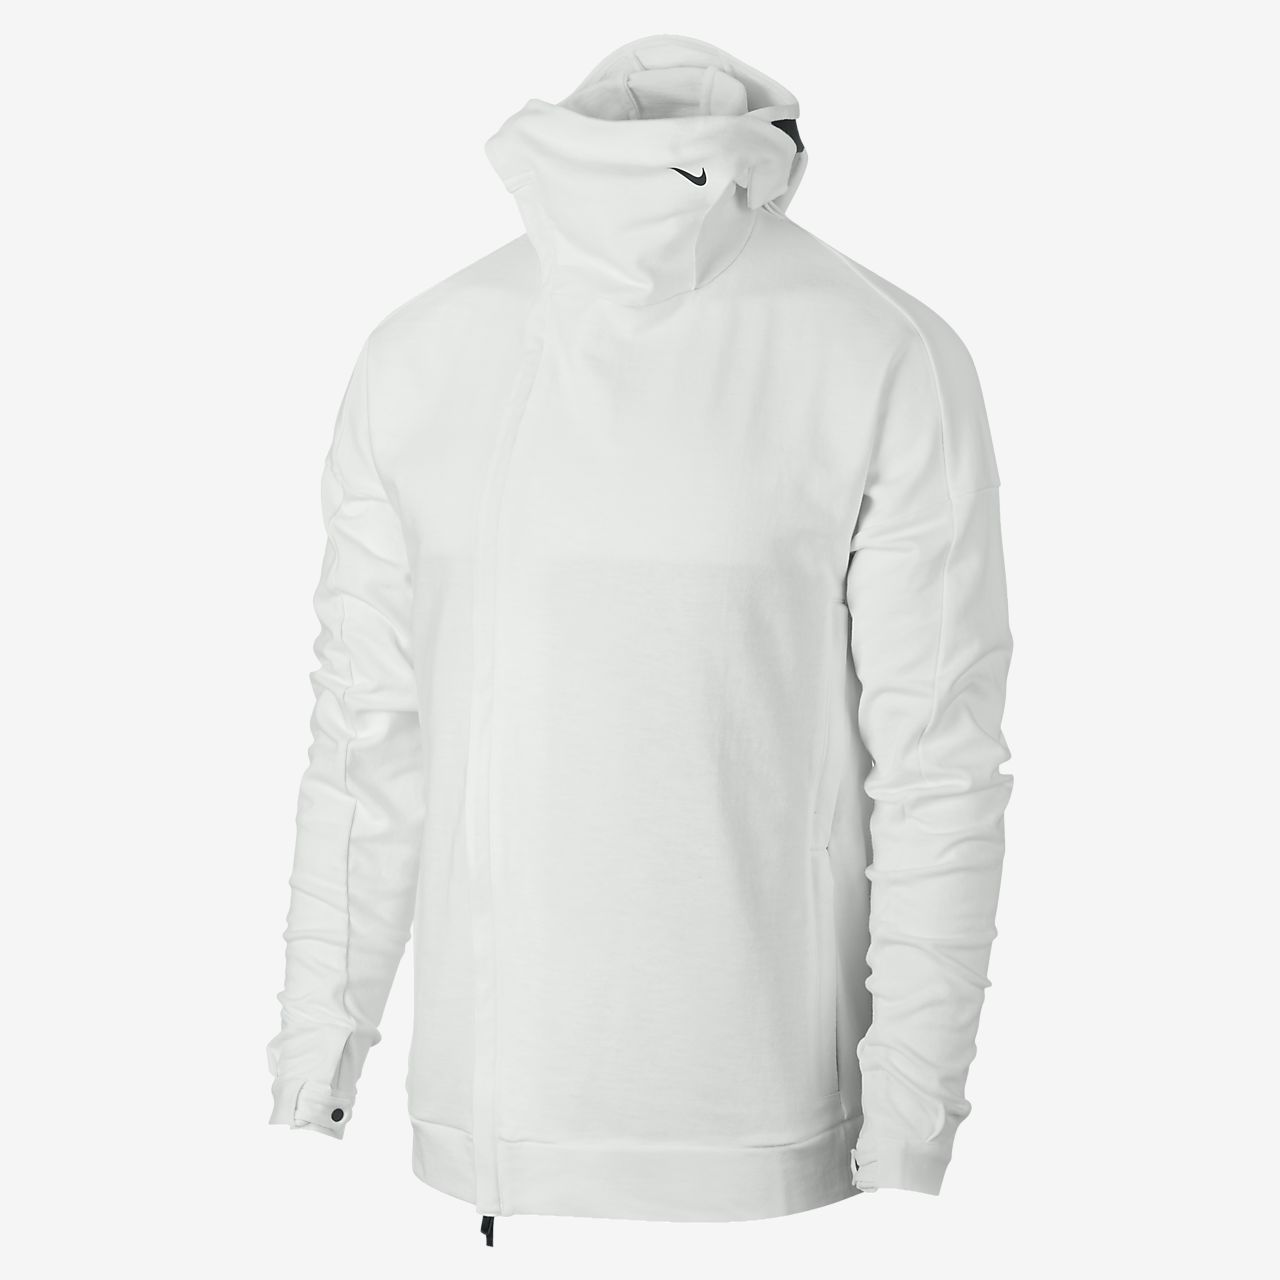 NikeLab AAE 2.0 Men's Hoodie